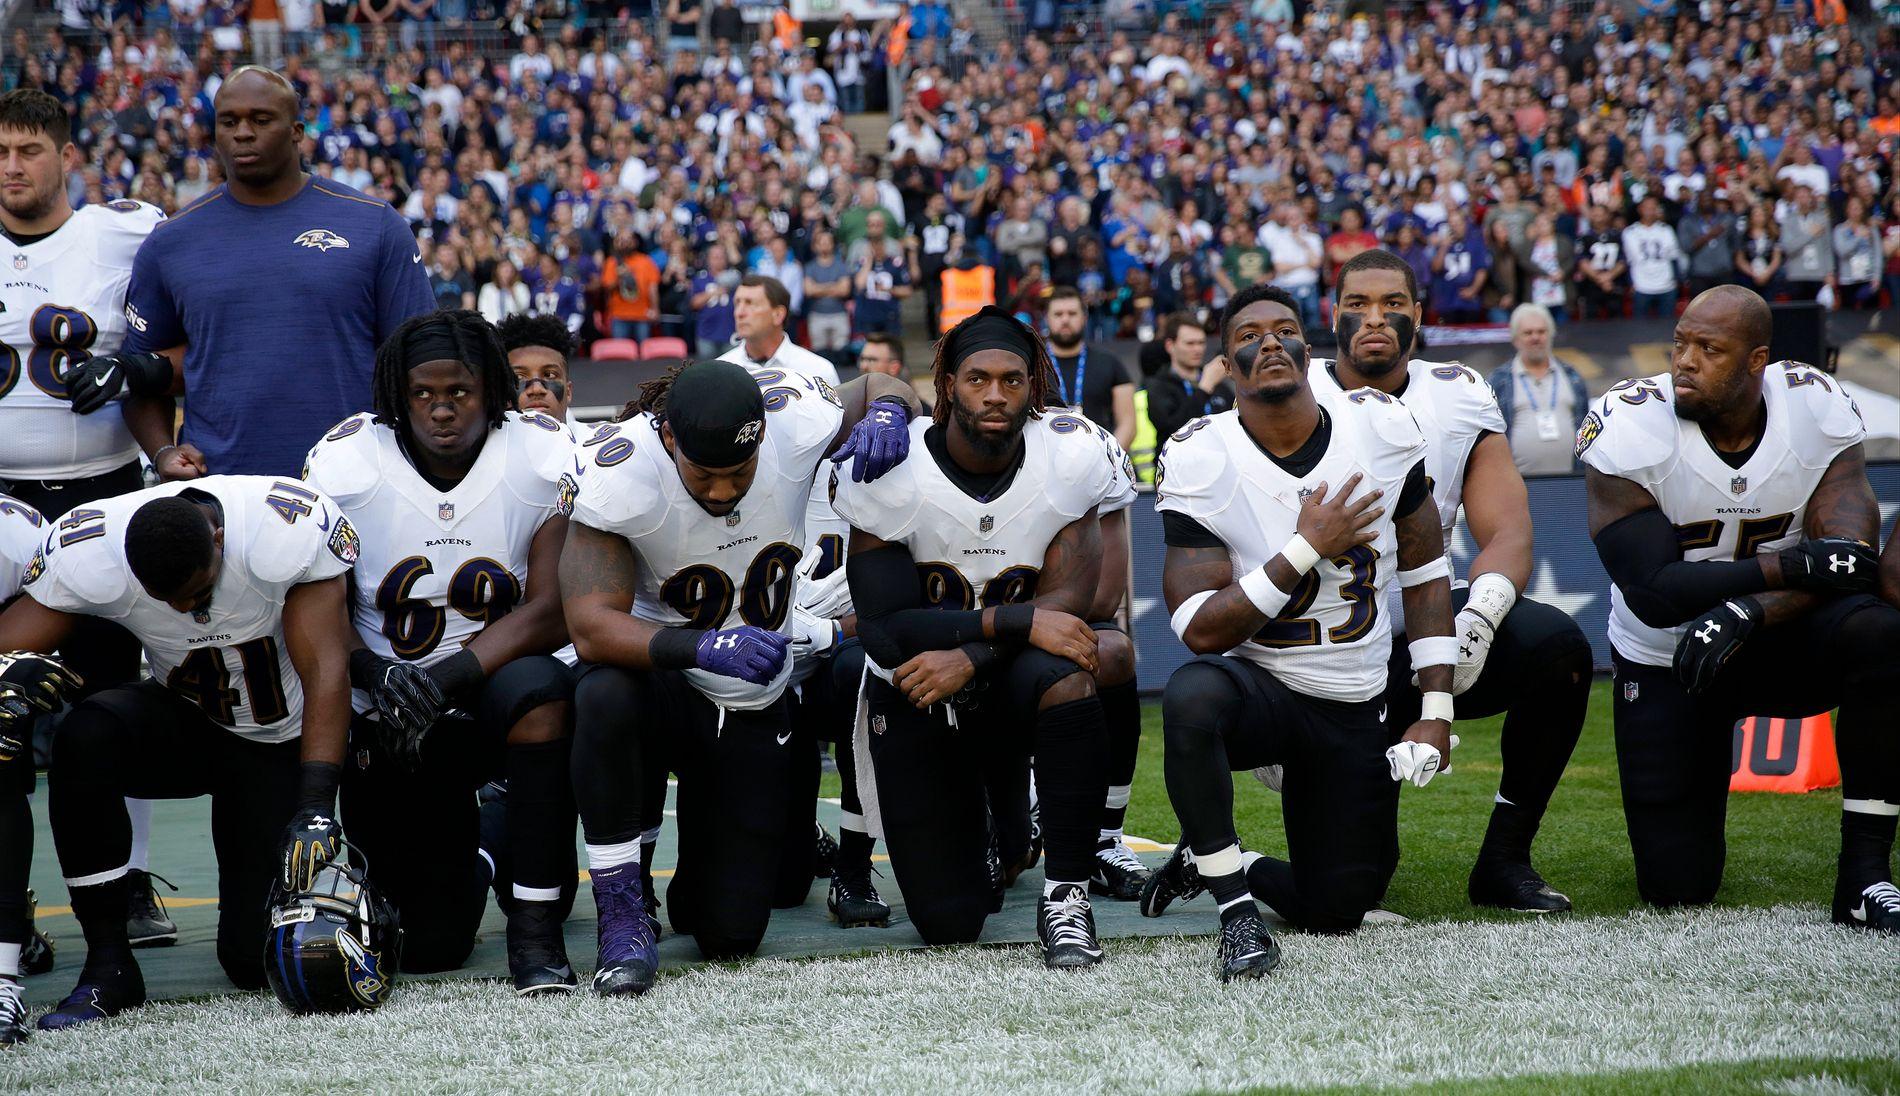 KNELTE: Flere Ravens-spillere valgte å knele under den amerikanske nasjonalsangen.